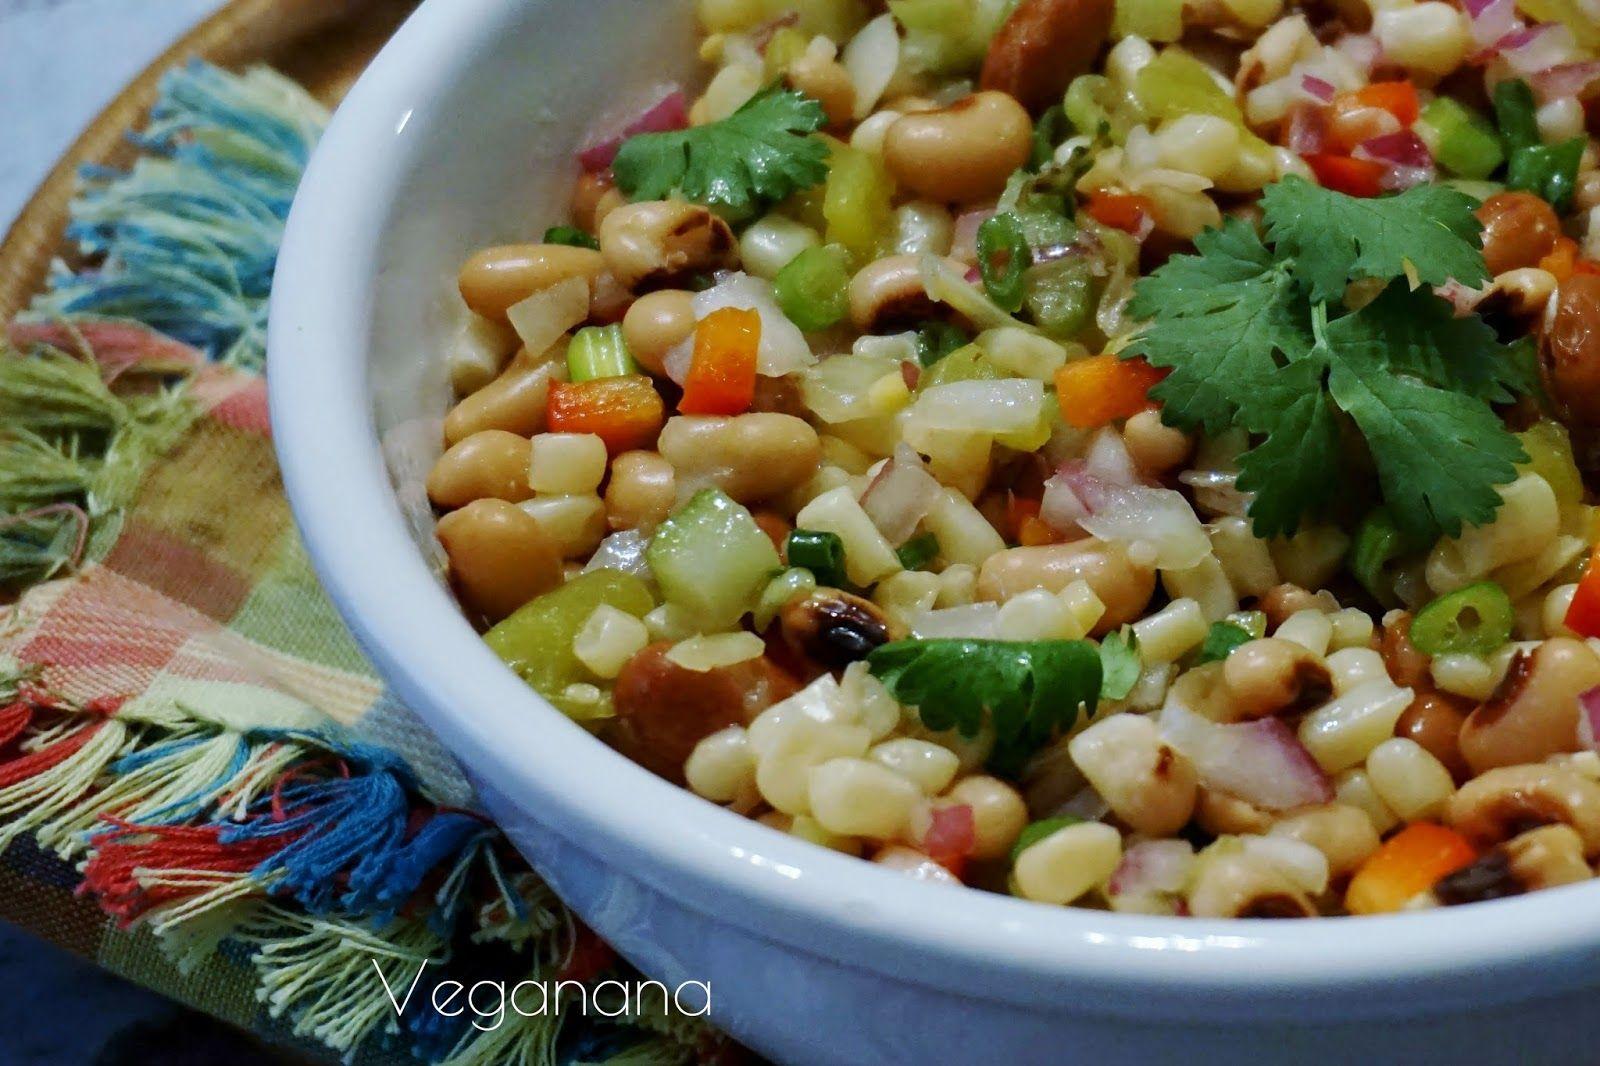 Salada de Grãos - Veganana